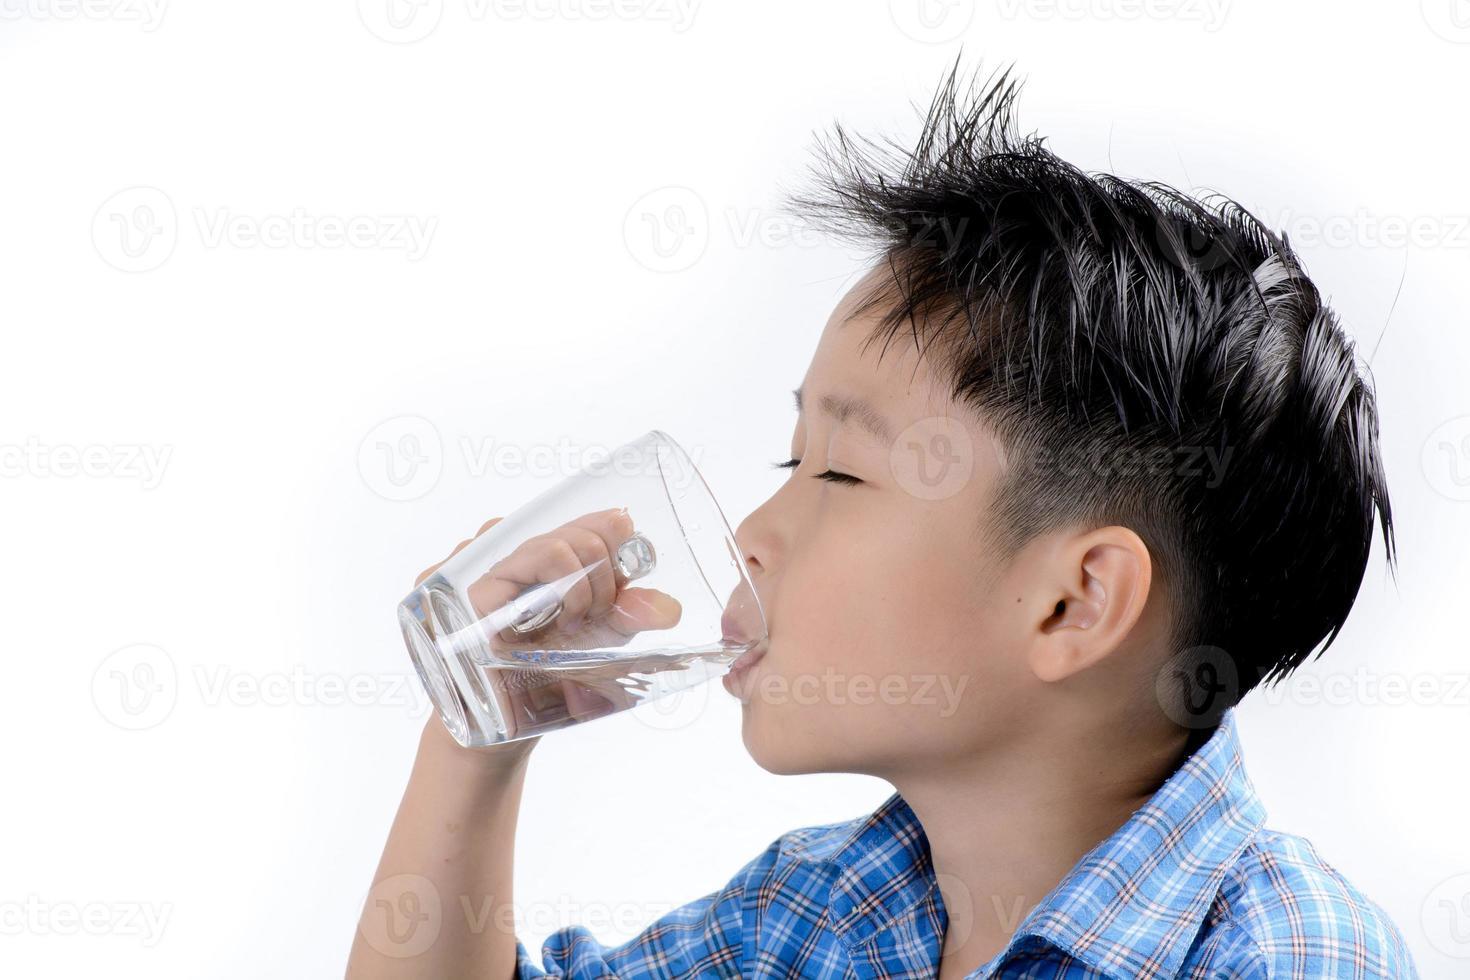 garçon, boire de l'eau avec des médicaments photo